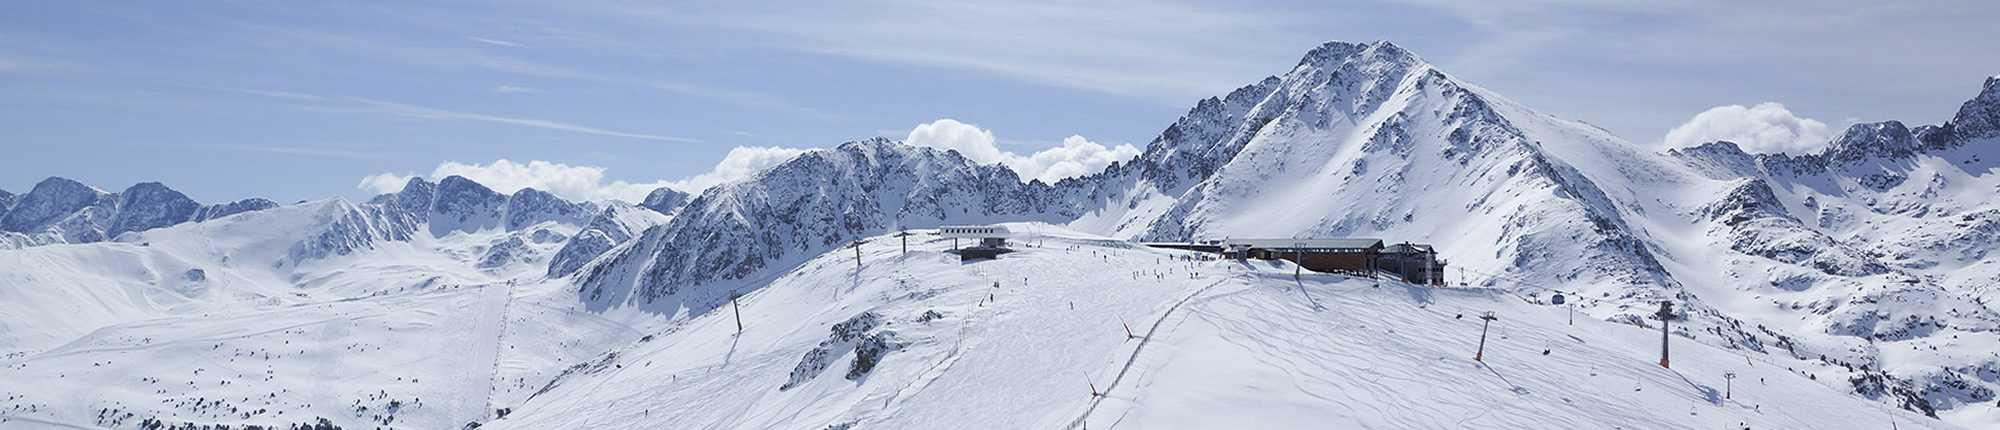 Ski Espace Lumiere